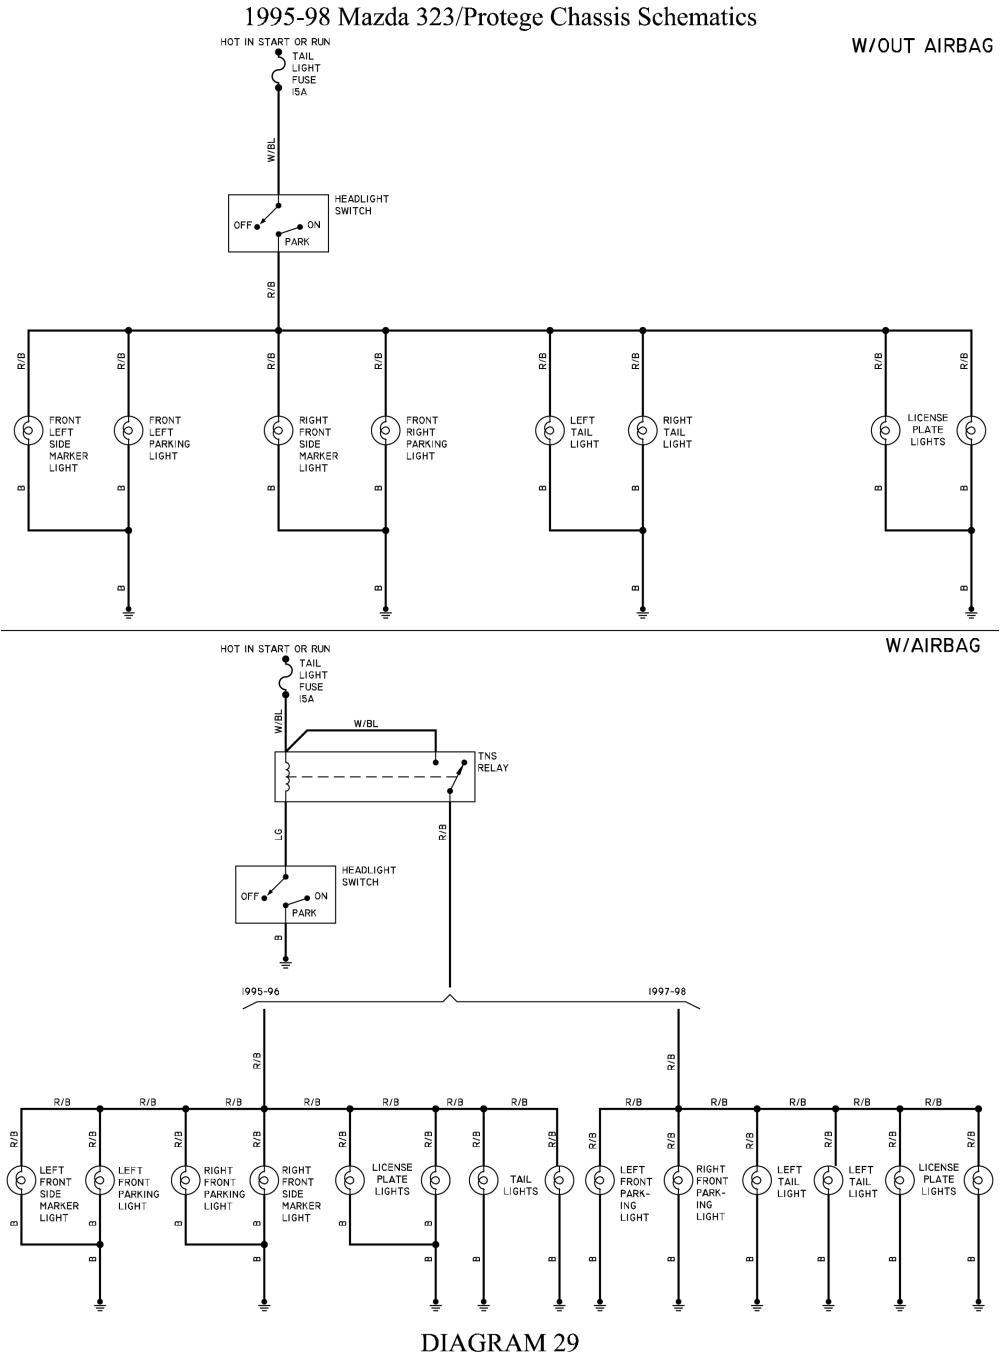 1999 Mazda Protege Wiring Diagram C9bd0 98 Mazda Protege Wiring Diagram Wiring Library